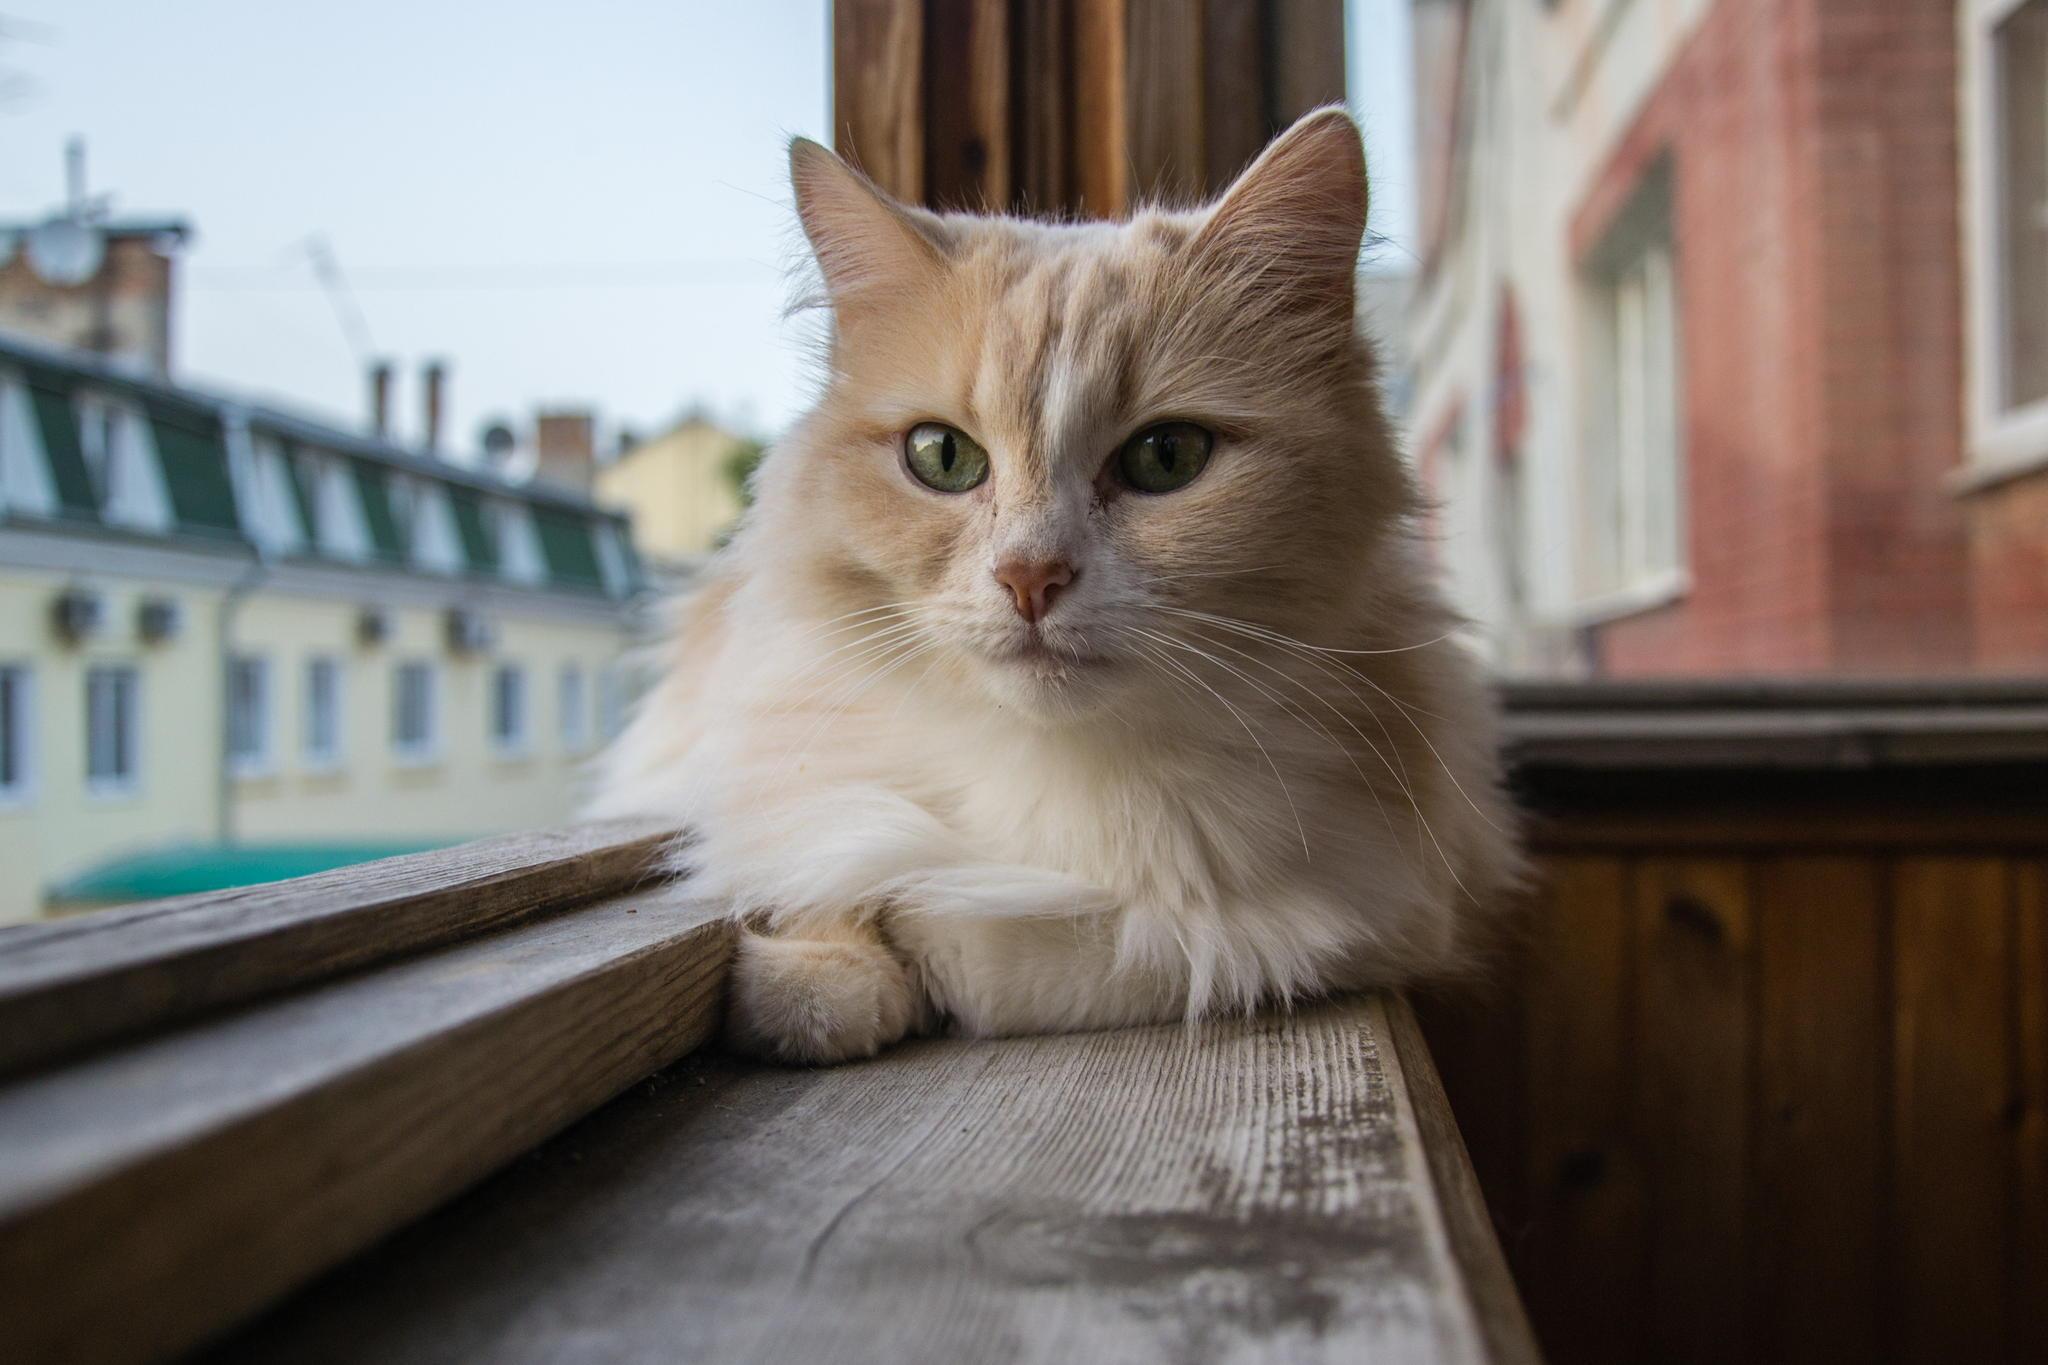 壁纸 动物 猫 猫咪 小猫 桌面 2048_1365